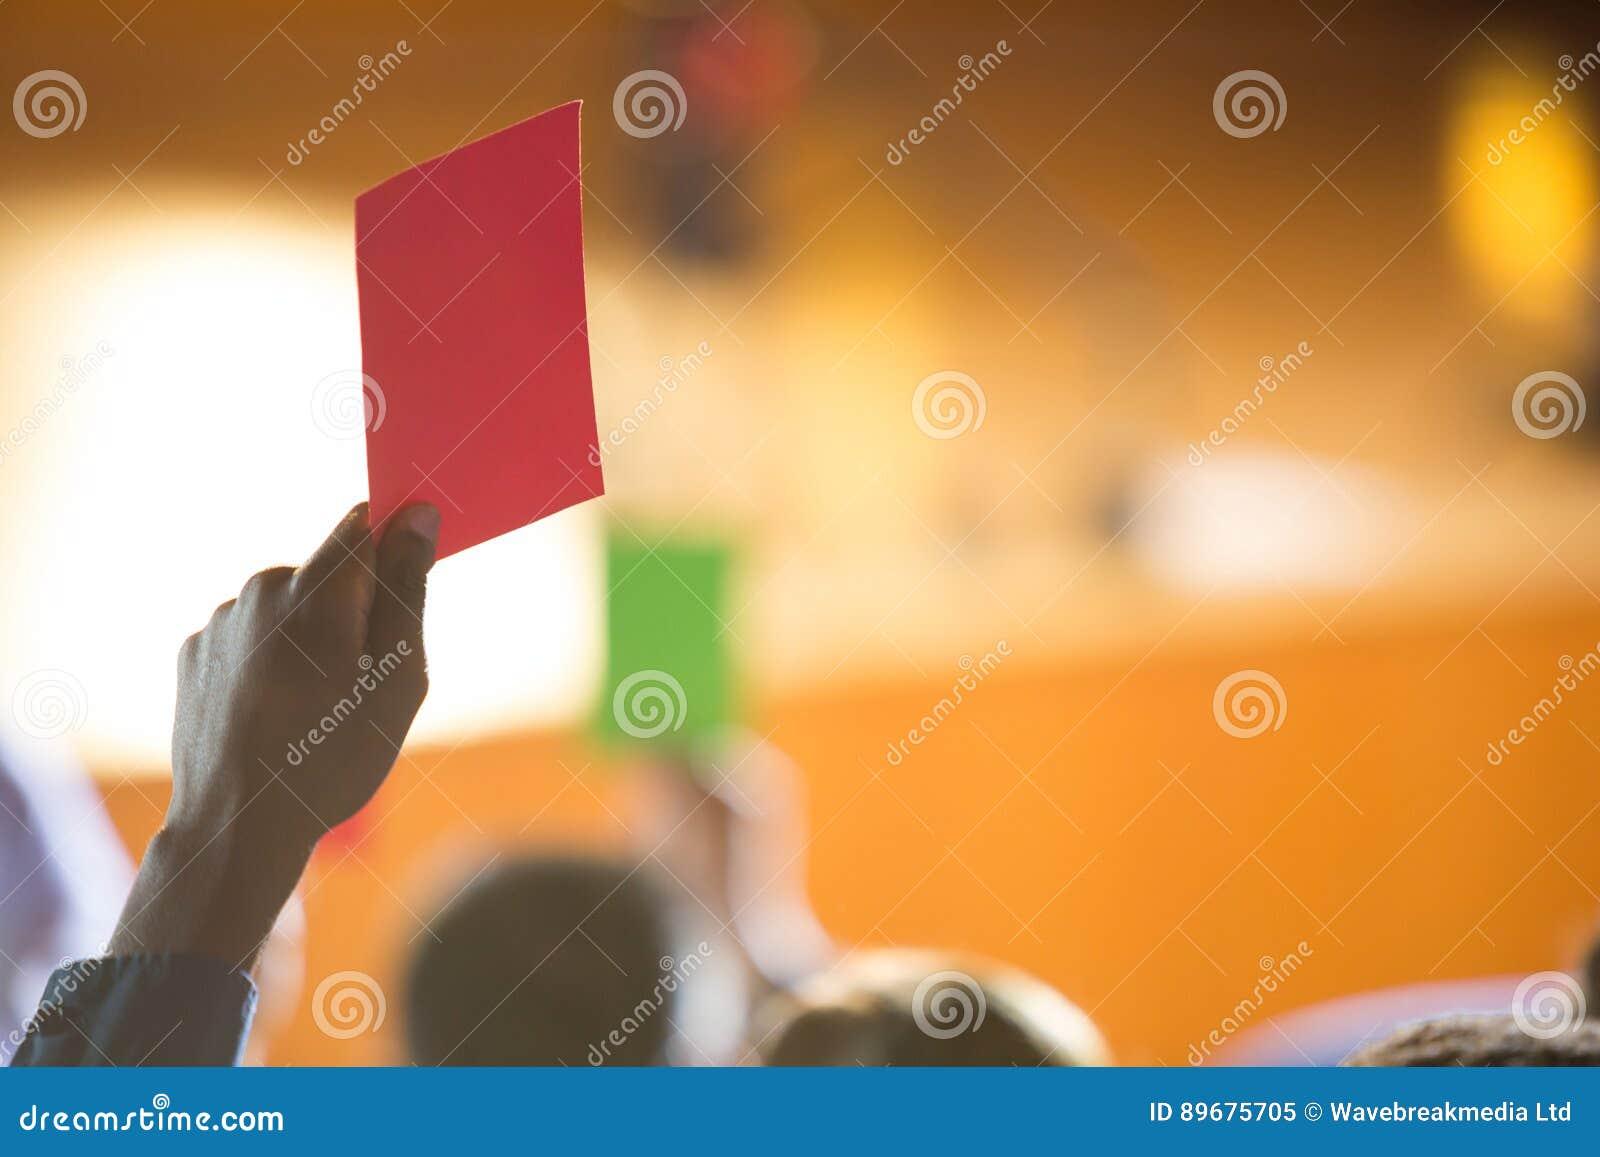 Os executivos empresariais mostram sua desaprovação levantando as mãos